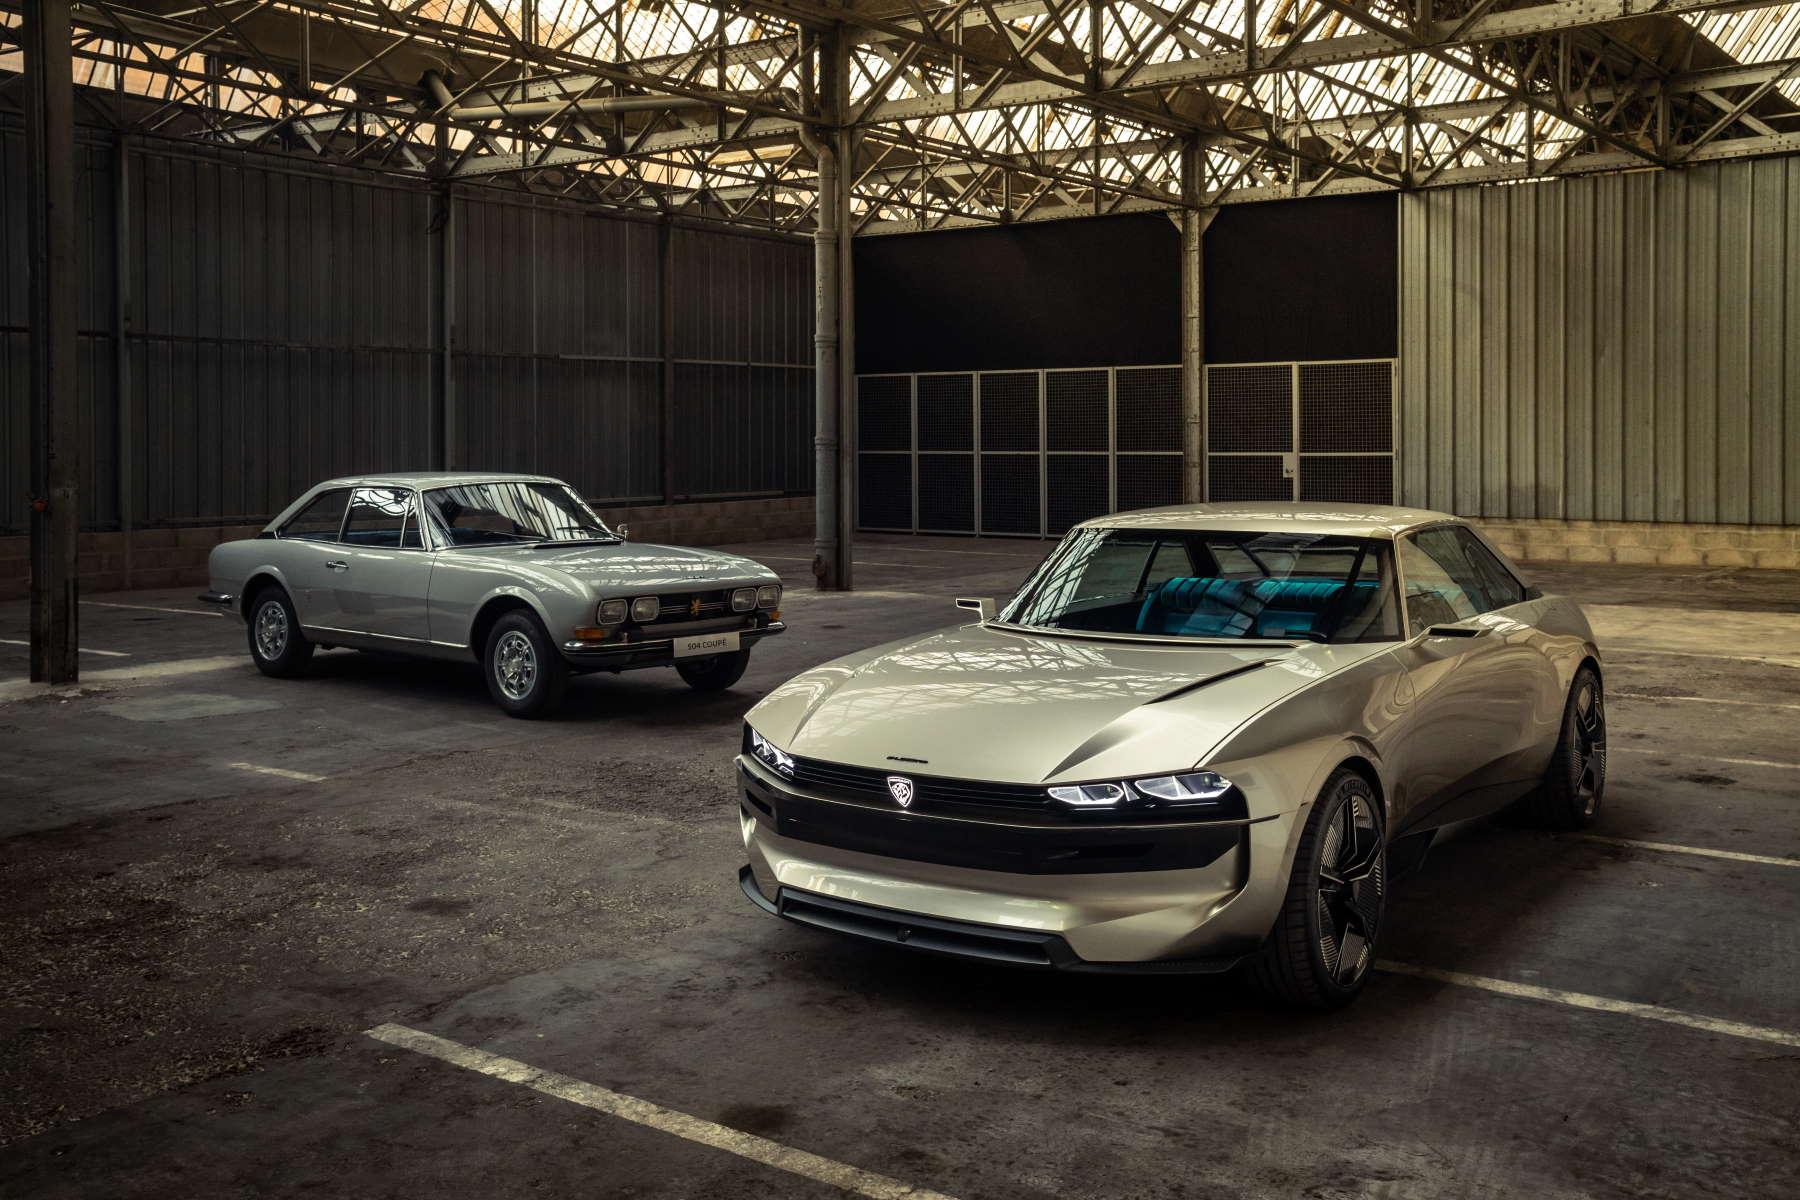 Il concept Peugeot e-Legend vicino alla vettura che l'ha ispirato: la Peugeot 504 coupédel 1968